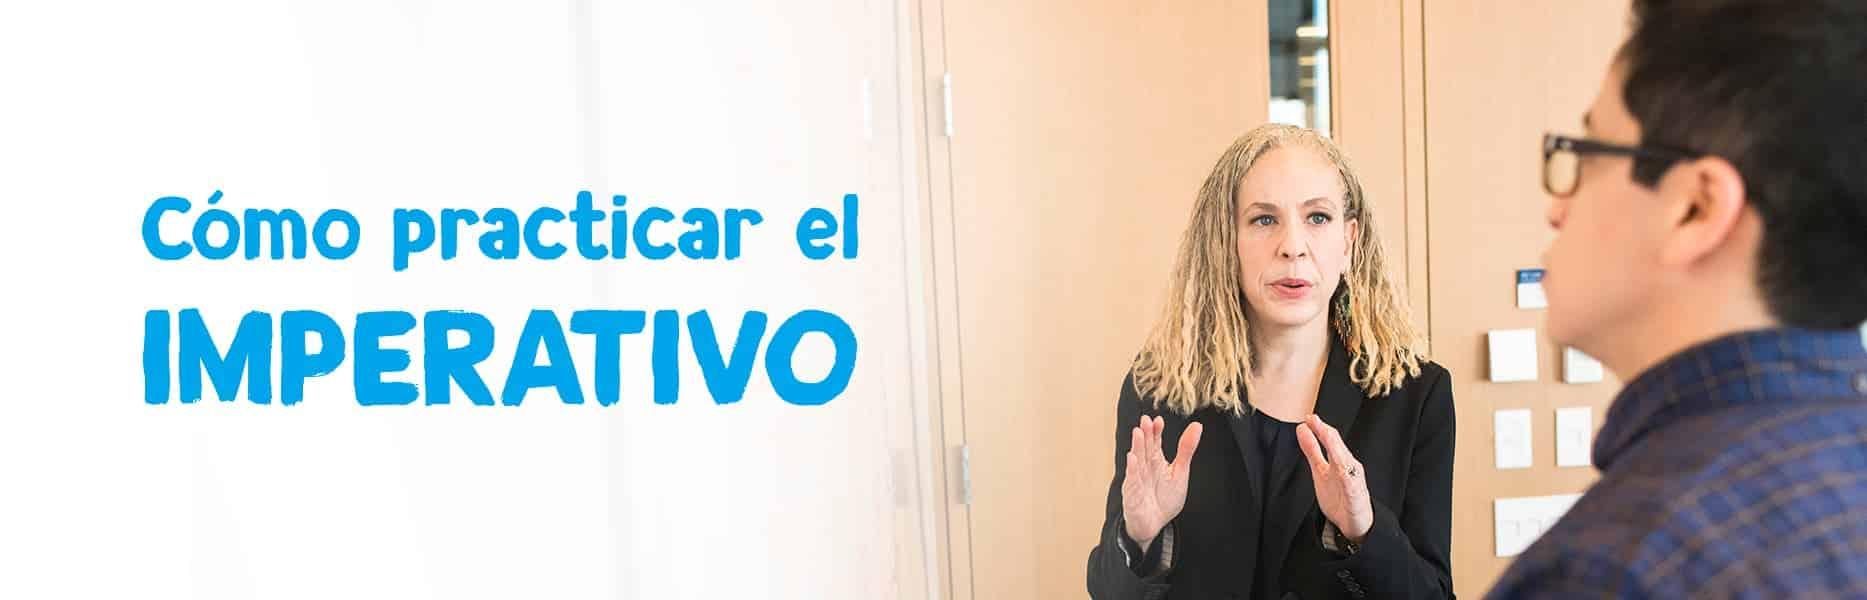 practicar imperativo español